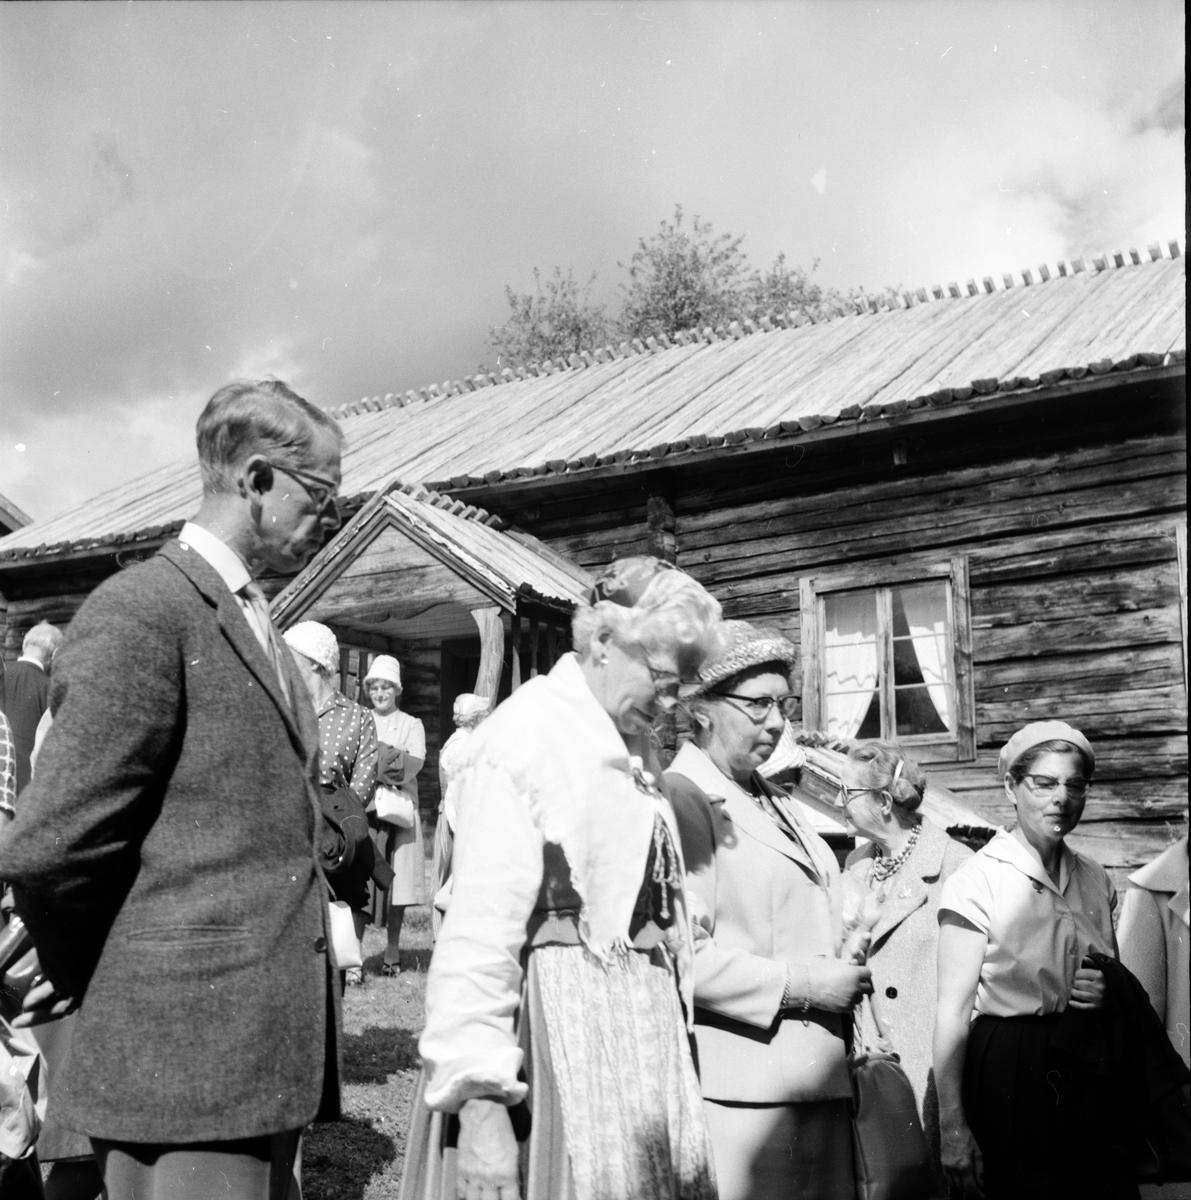 Järvsö, Karlsgården, Färila,